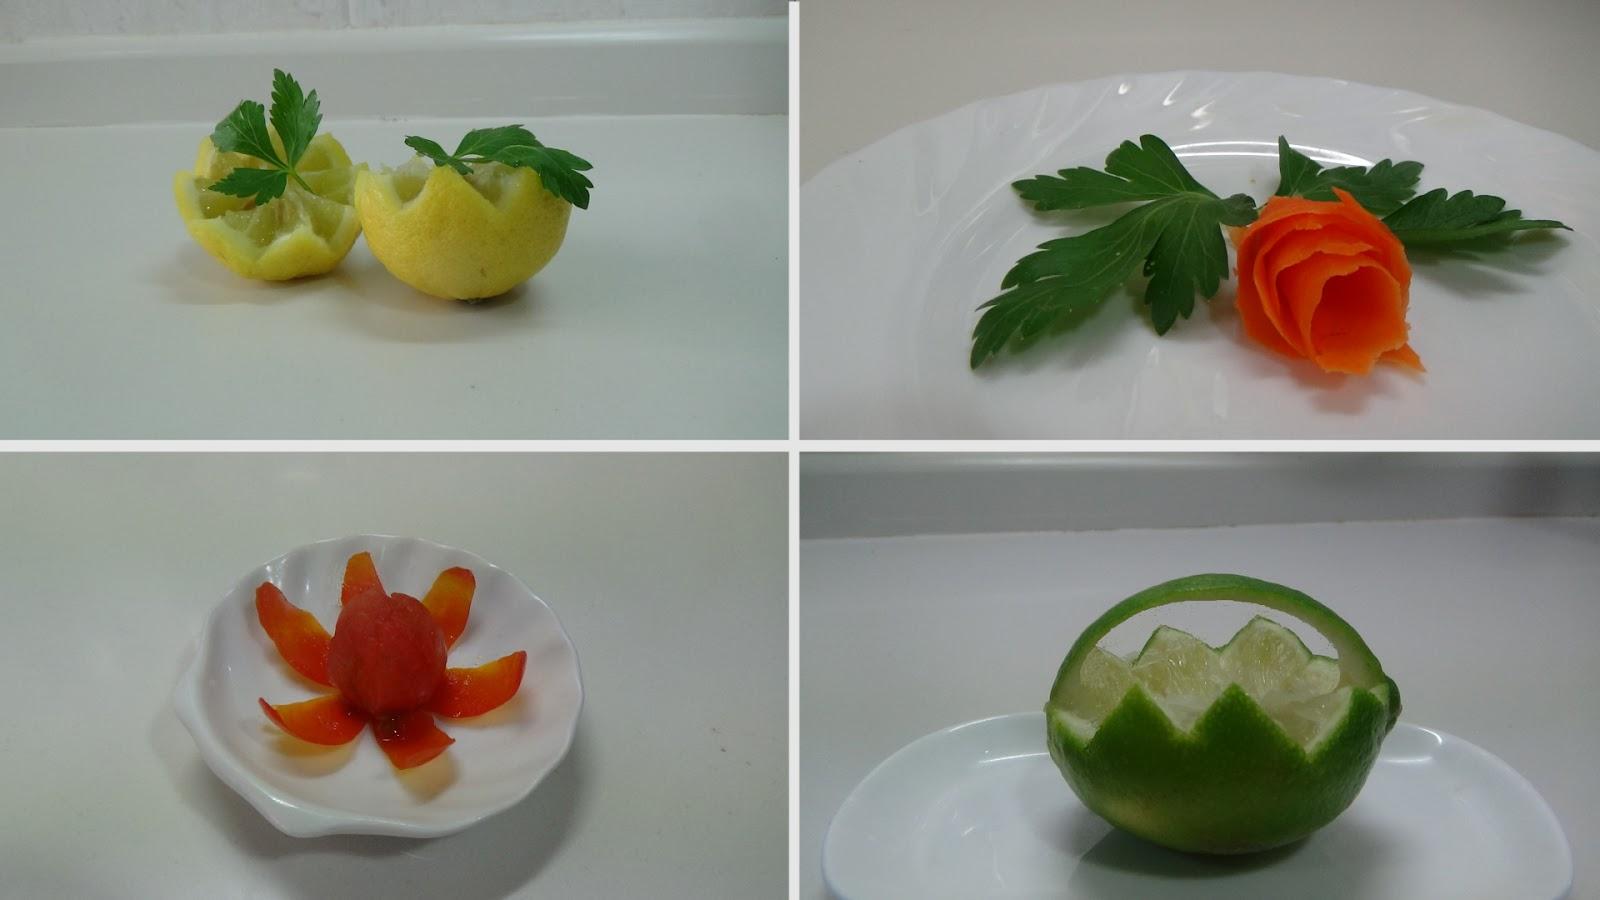 Hispacocina decoraciones de platos de canap s for Decoracion de canapes